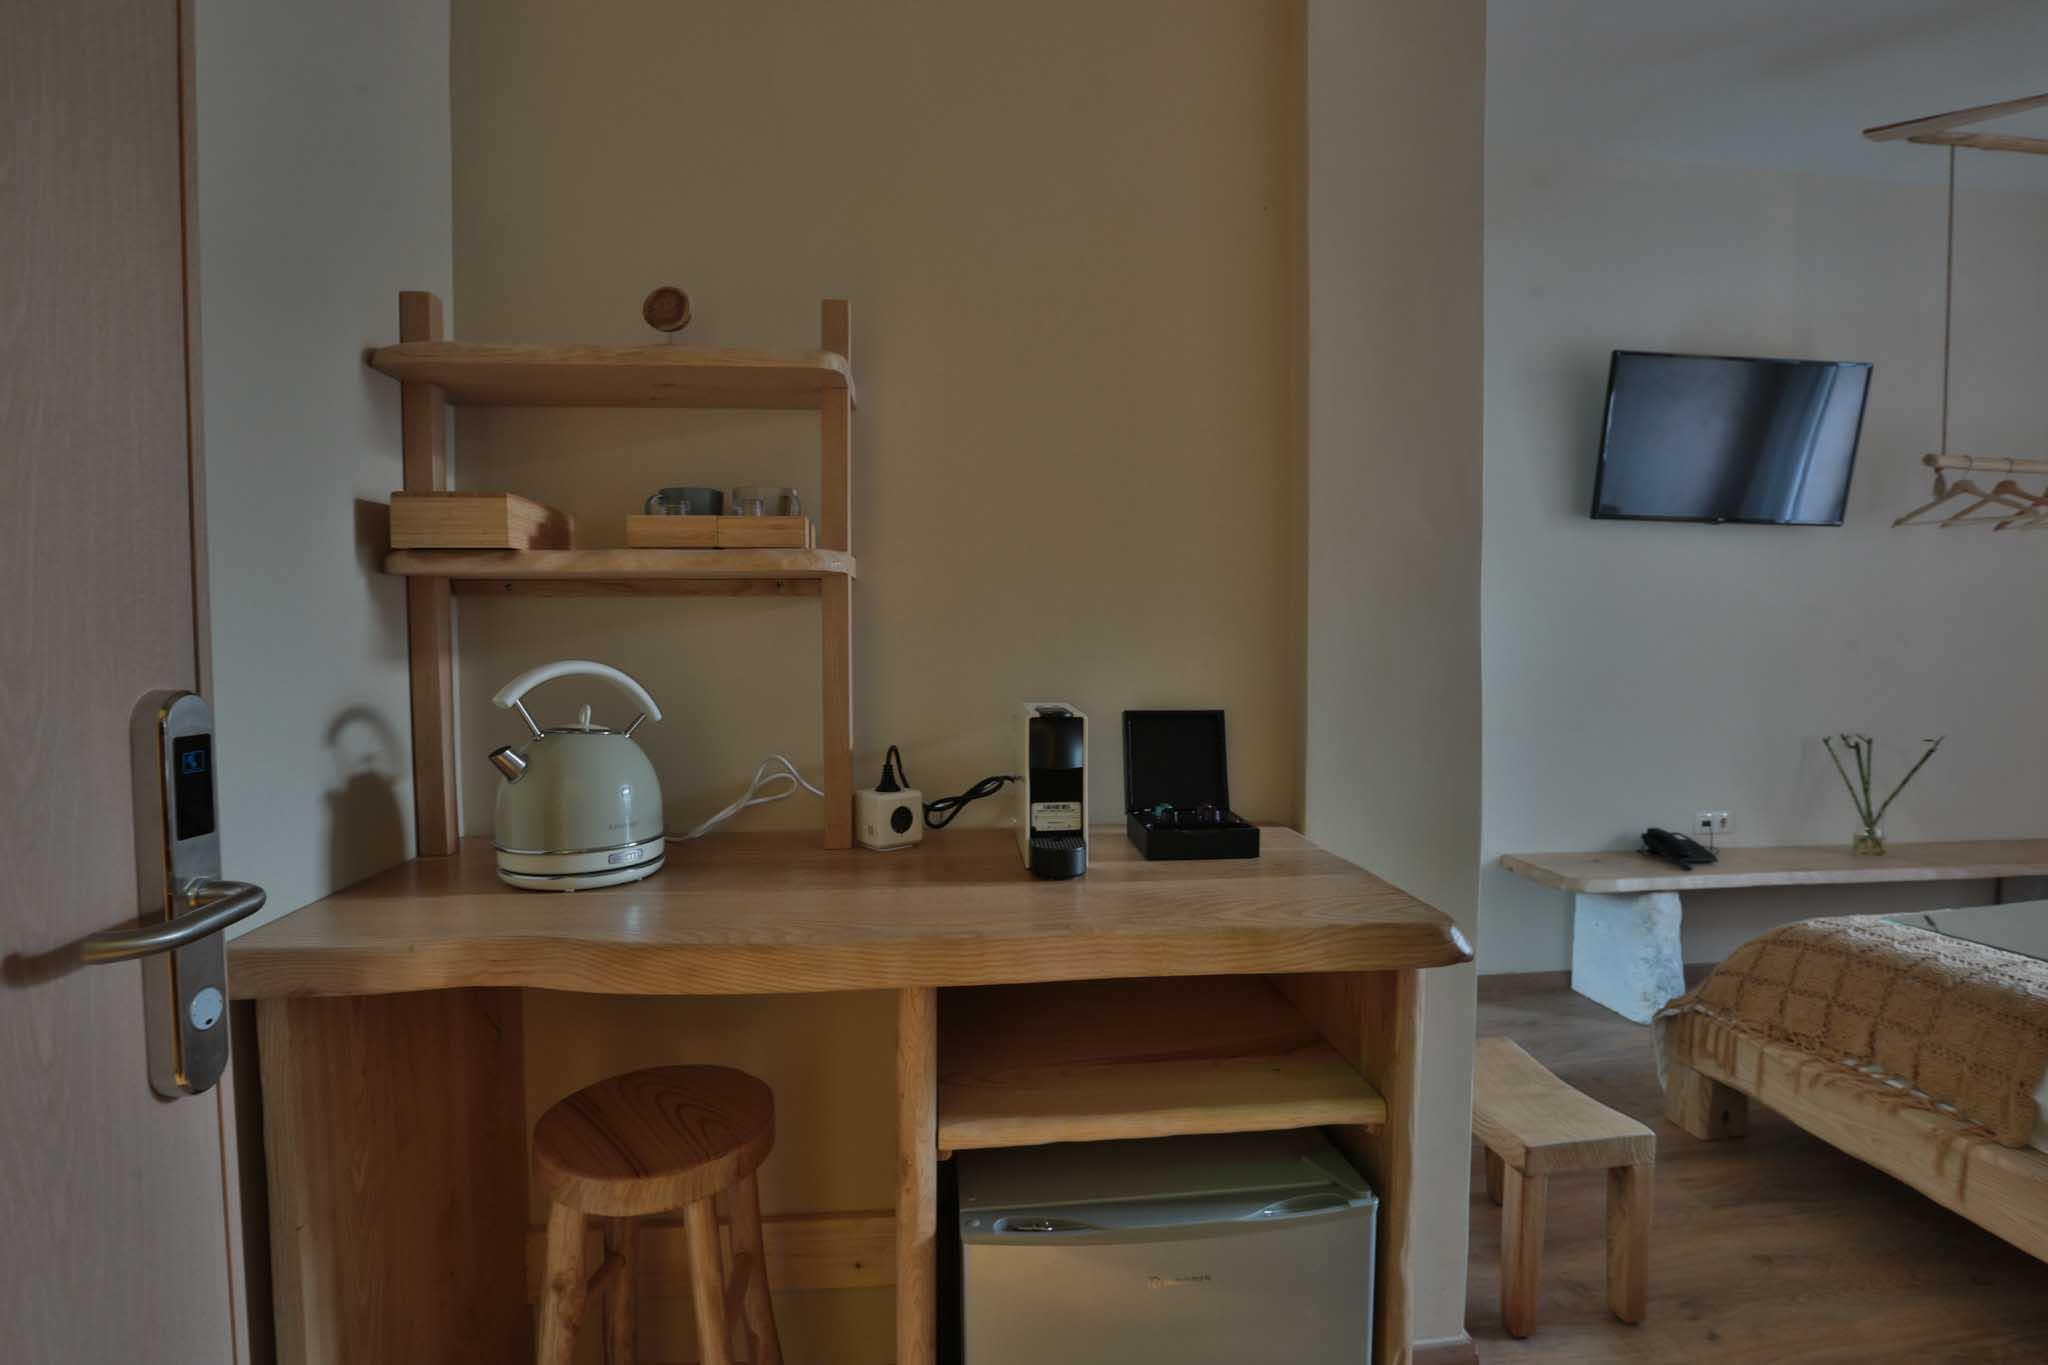 Hotel_room_Carmen_03